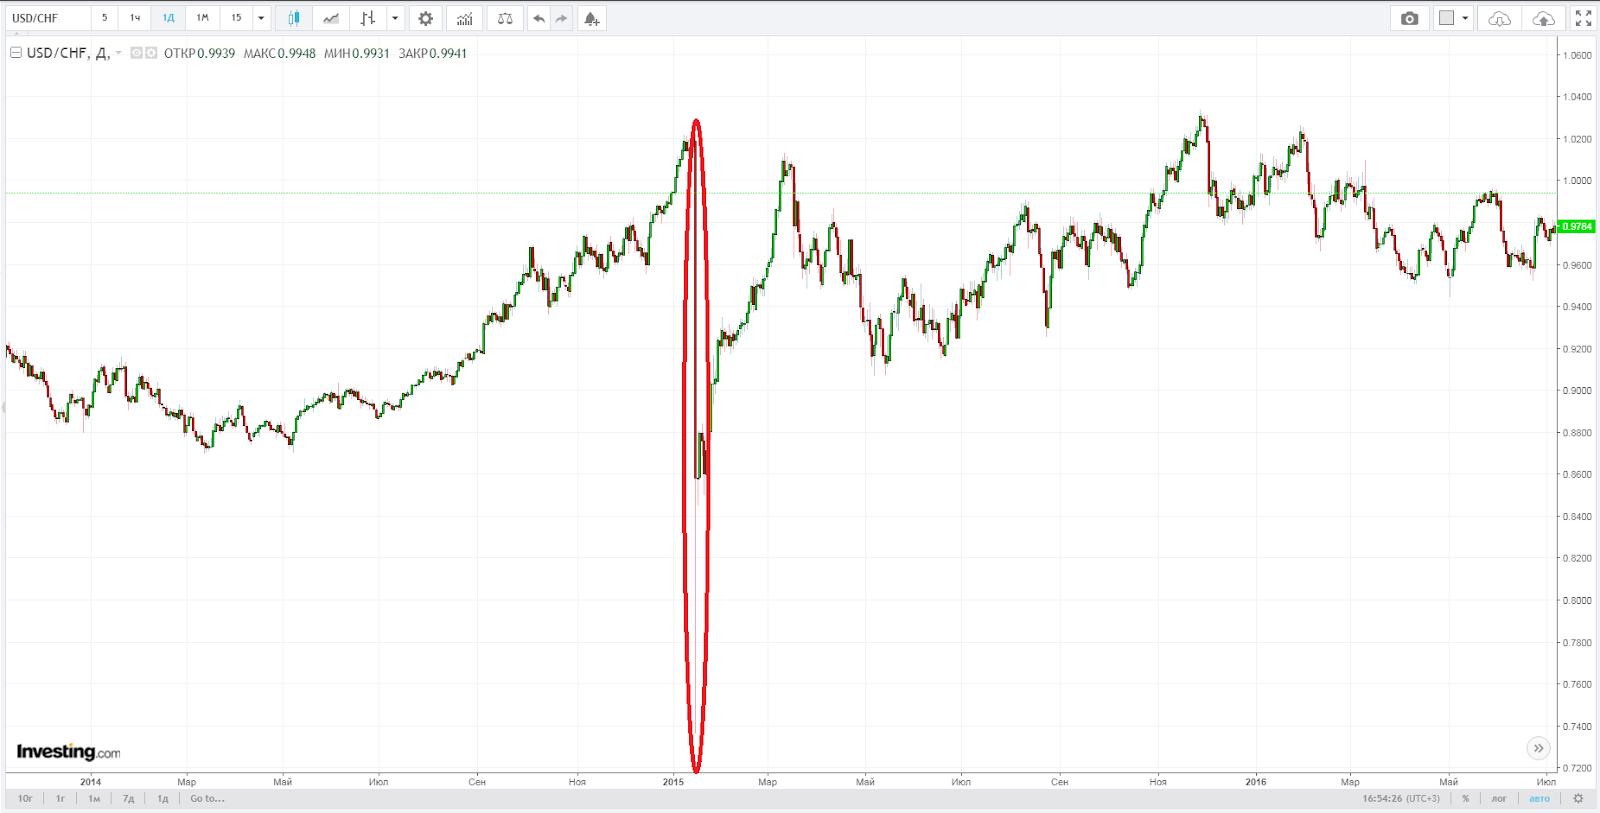 Cвечf на 6,5 тысяч базисных пунктов y графике investing